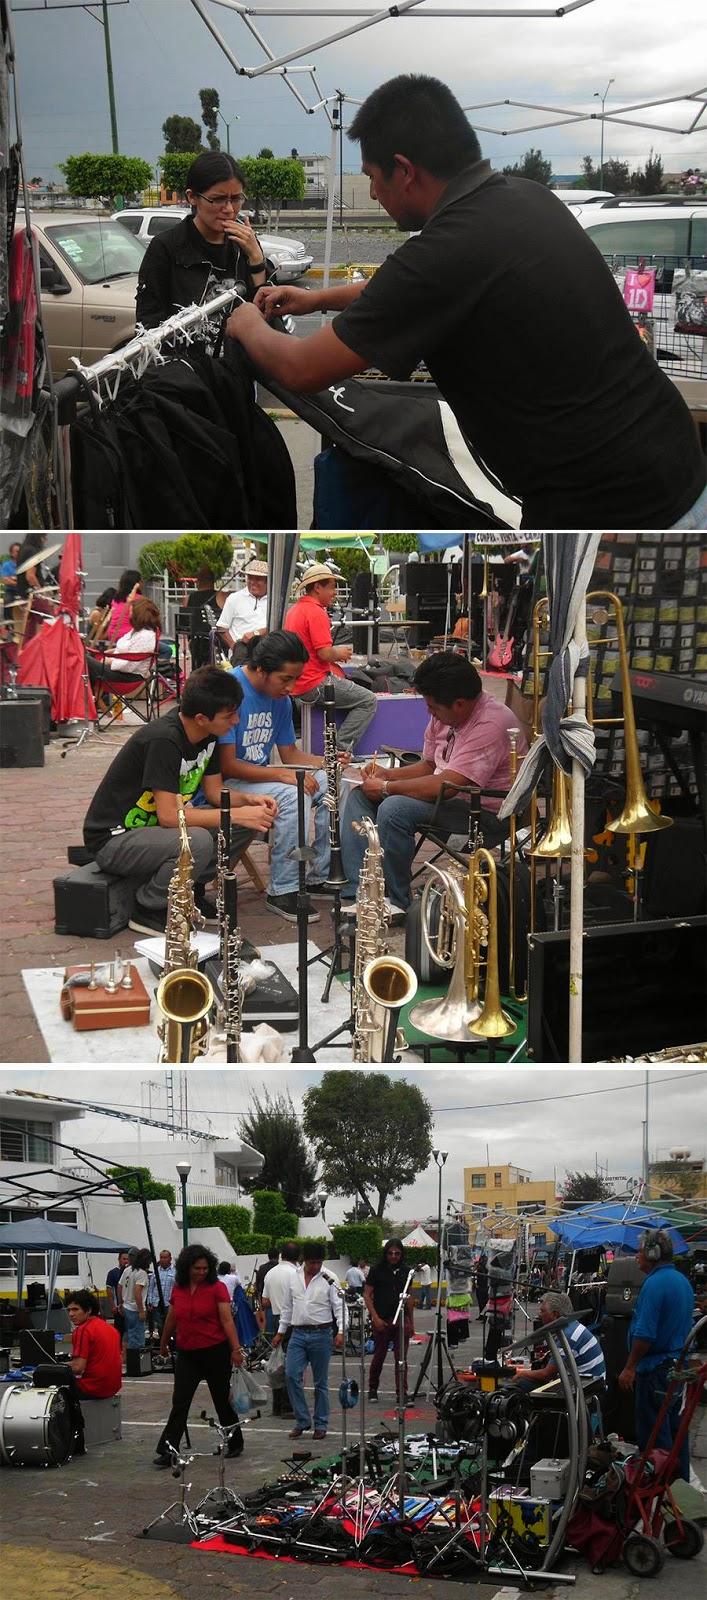 Cronista de nezahualc yotl bazar de instrumentos for Bazar gastronomico zona norte